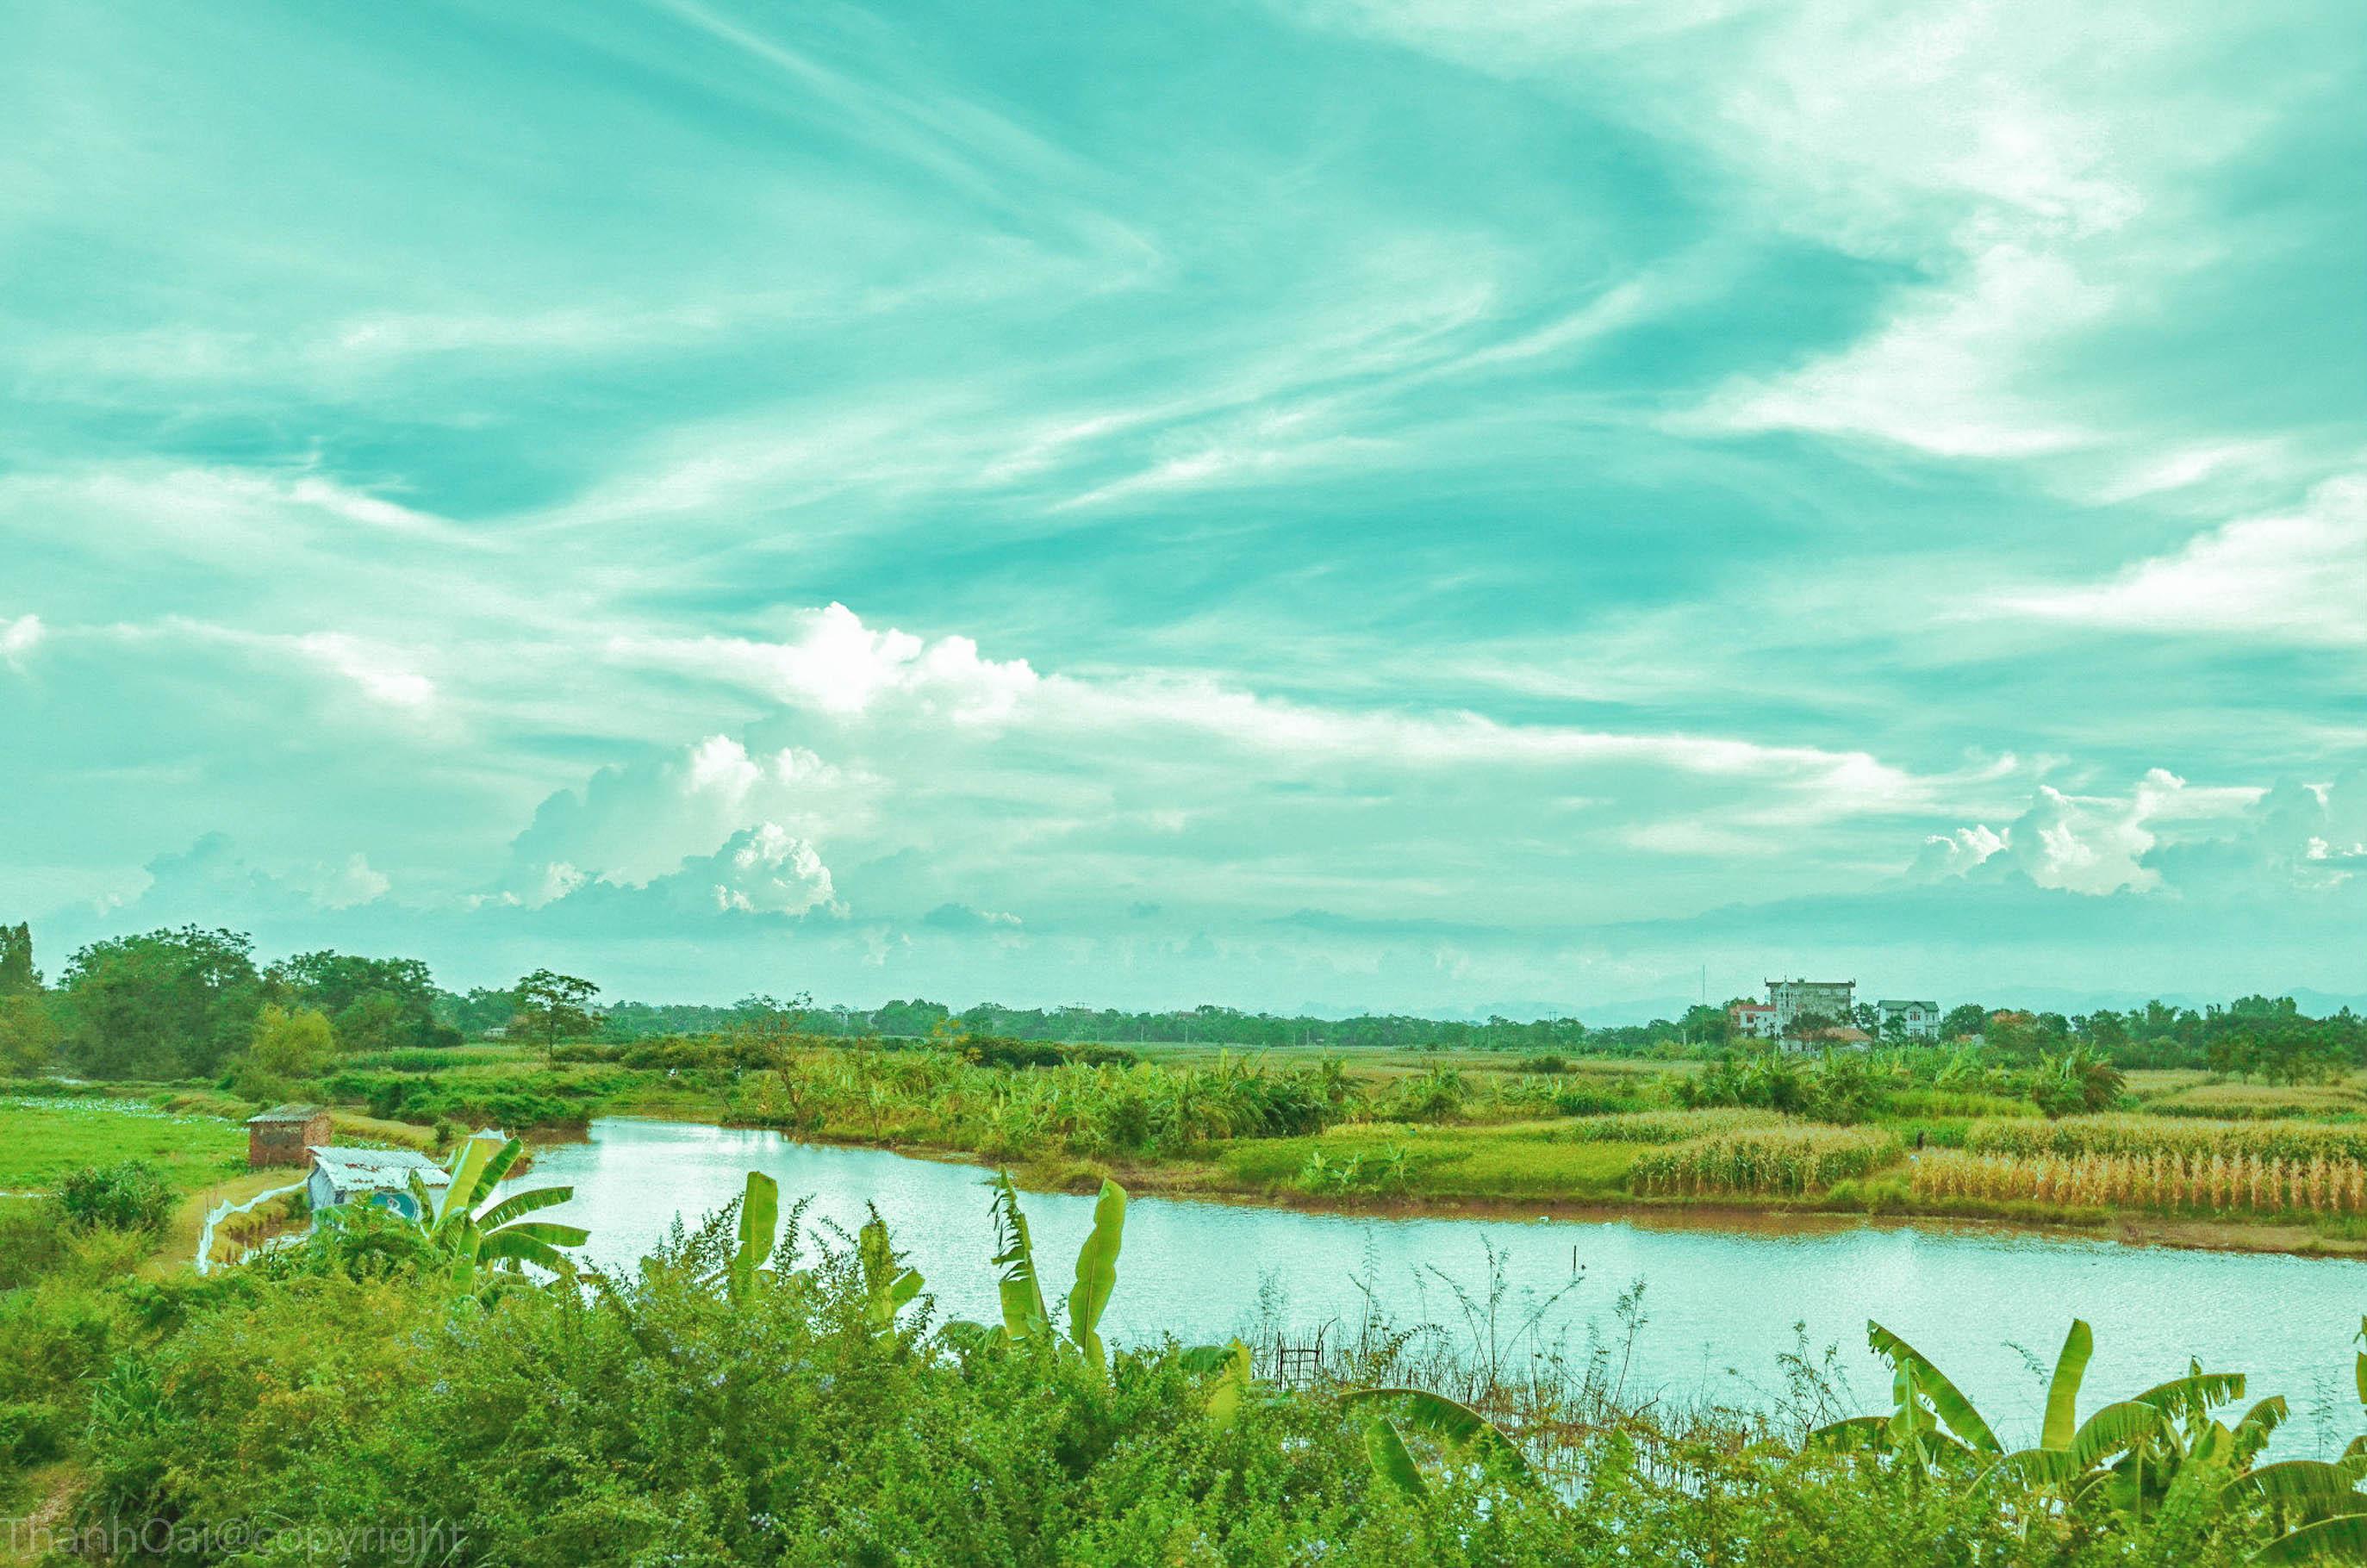 Hình ảnh quê hương con sông uốn quanh